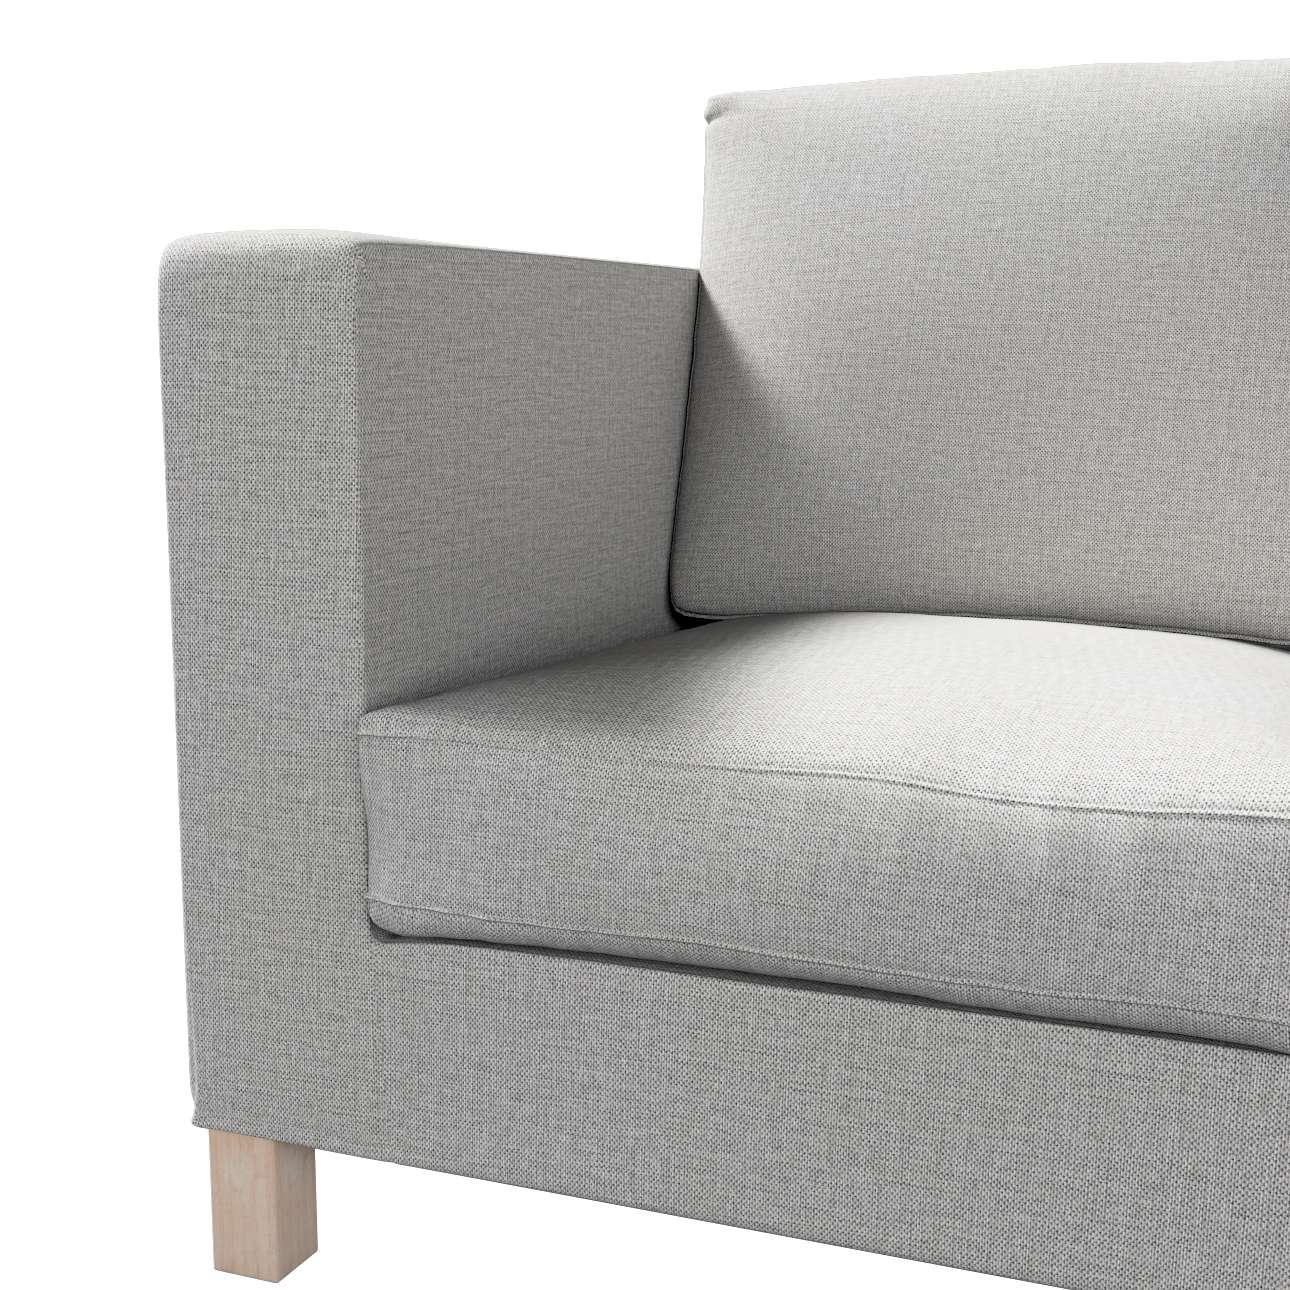 Potah na pohovku IKEA  Karlanda 3-místná nerozkládací, krátký v kolekci Living II, látka: 160-89